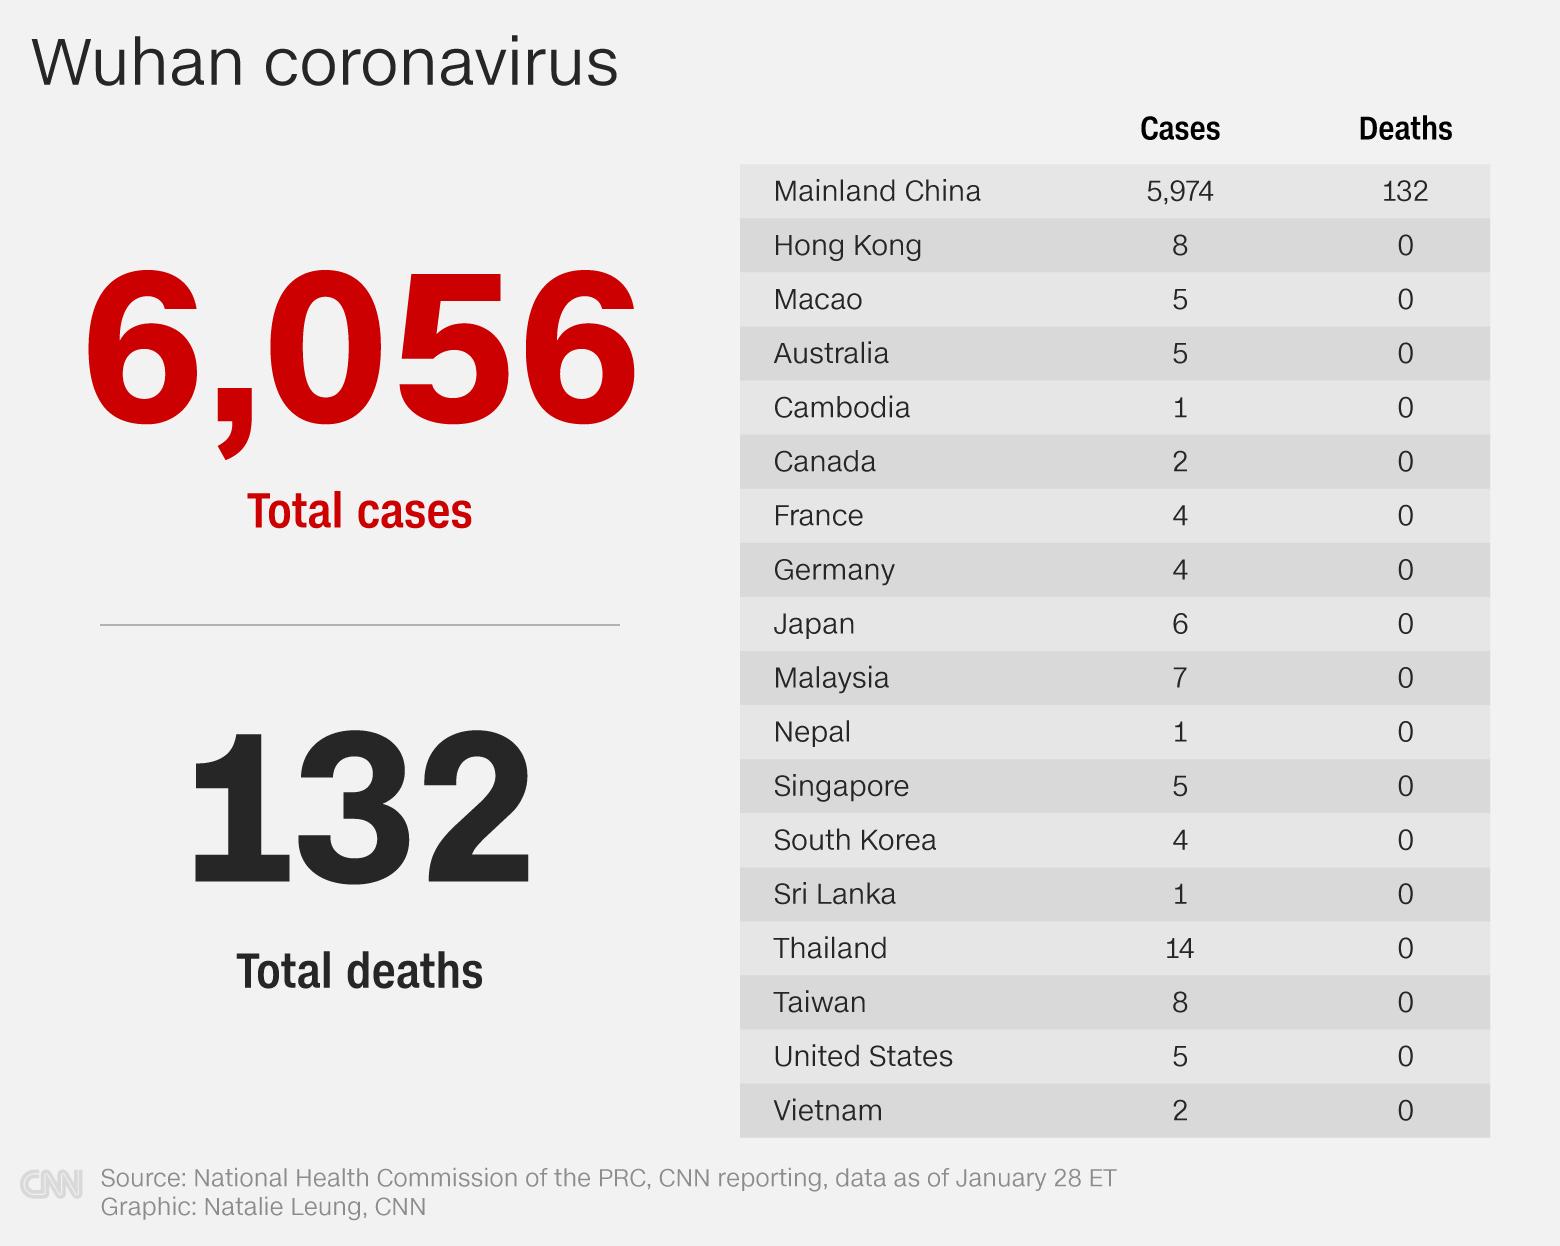 wuhan coronavirus cases in japan